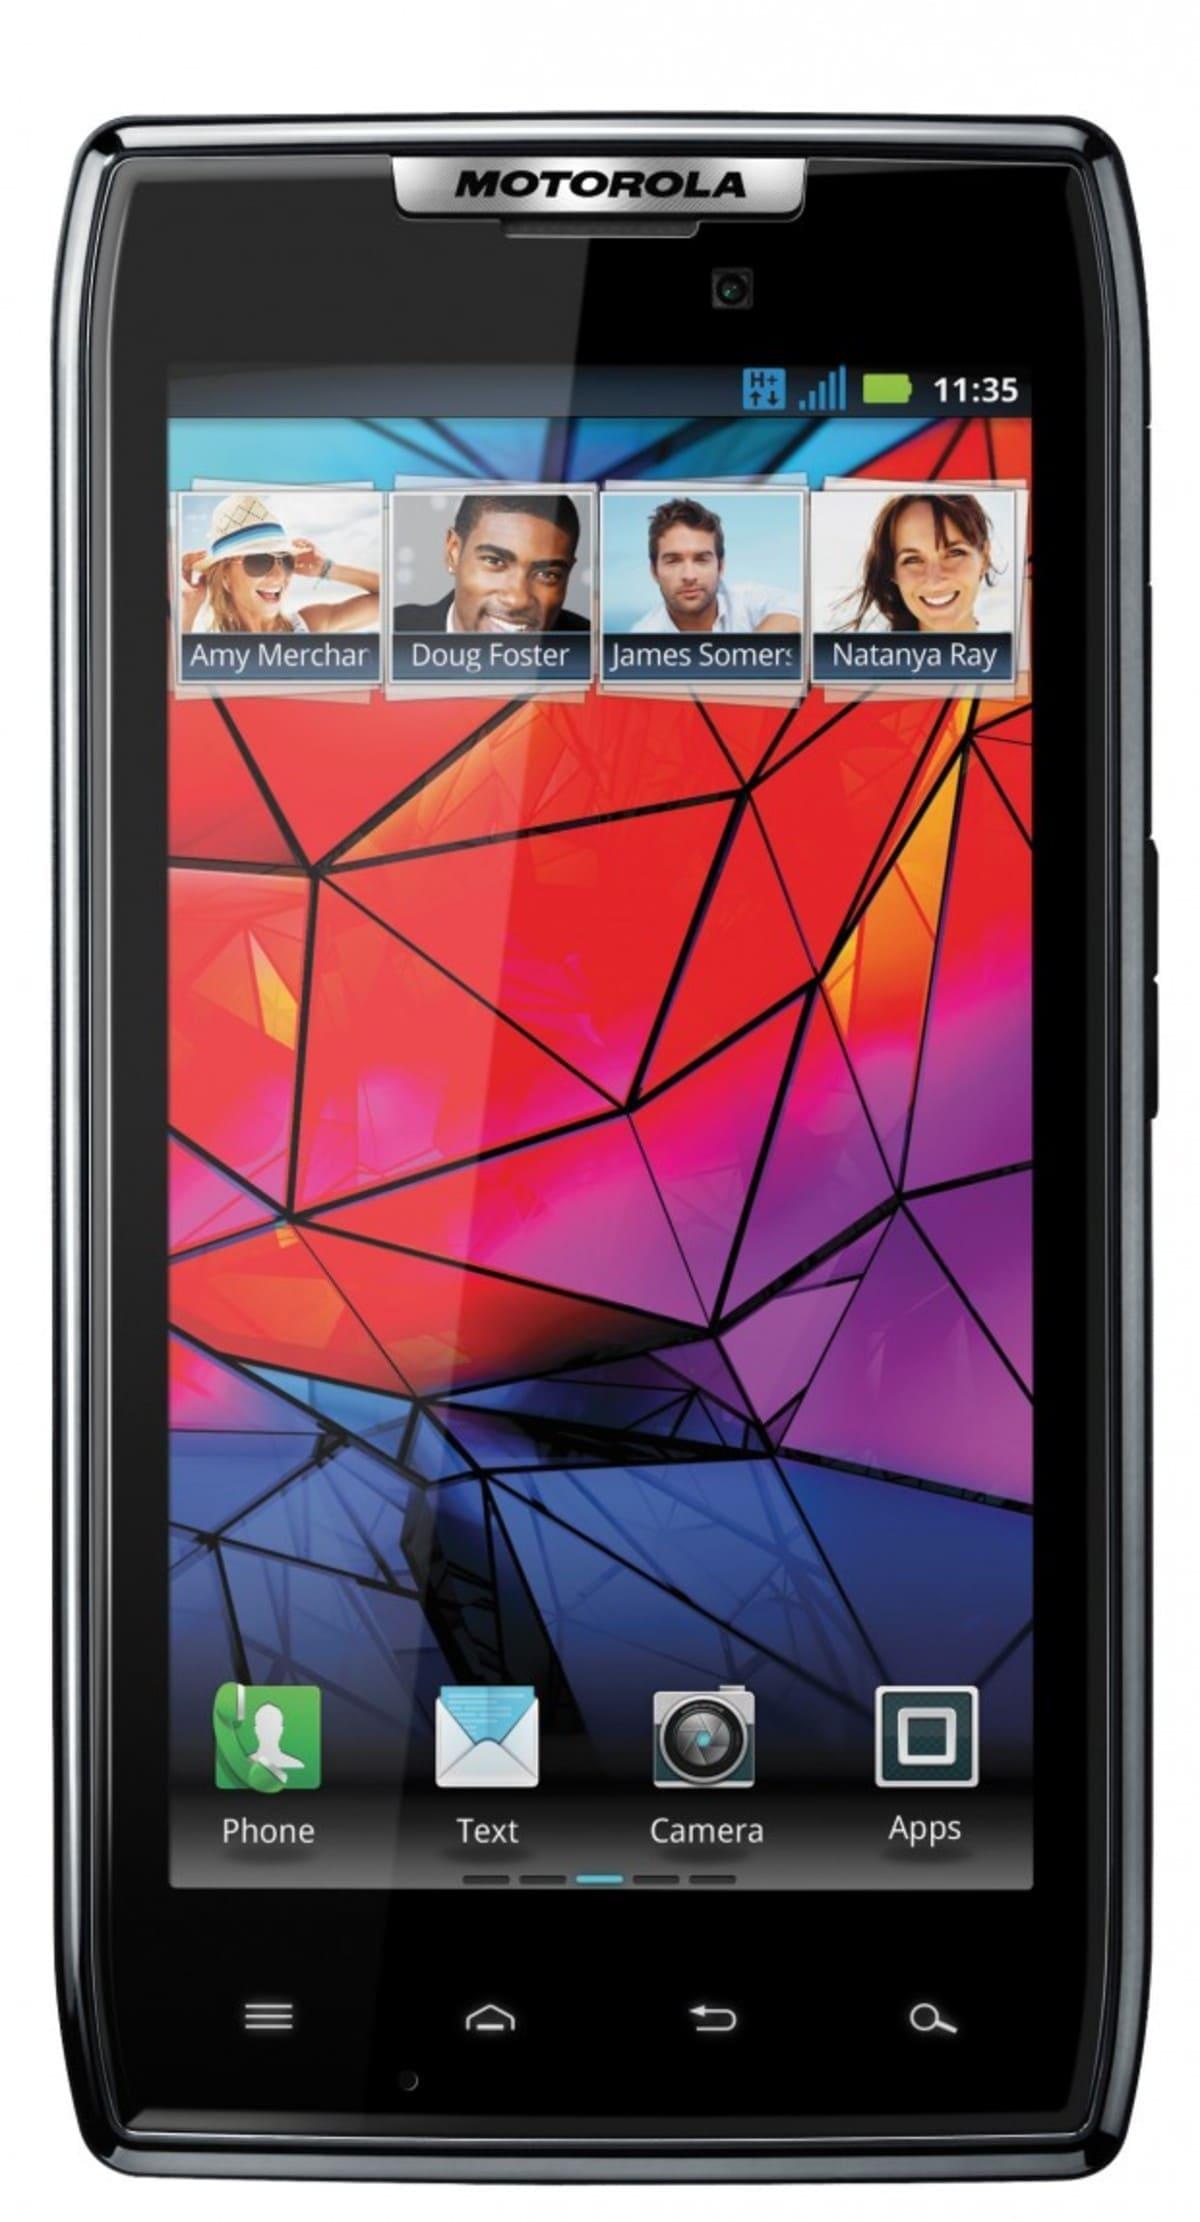 Motorola RAZR 1 e1318960766171 Motorola RAZR llega a España por 599 euros